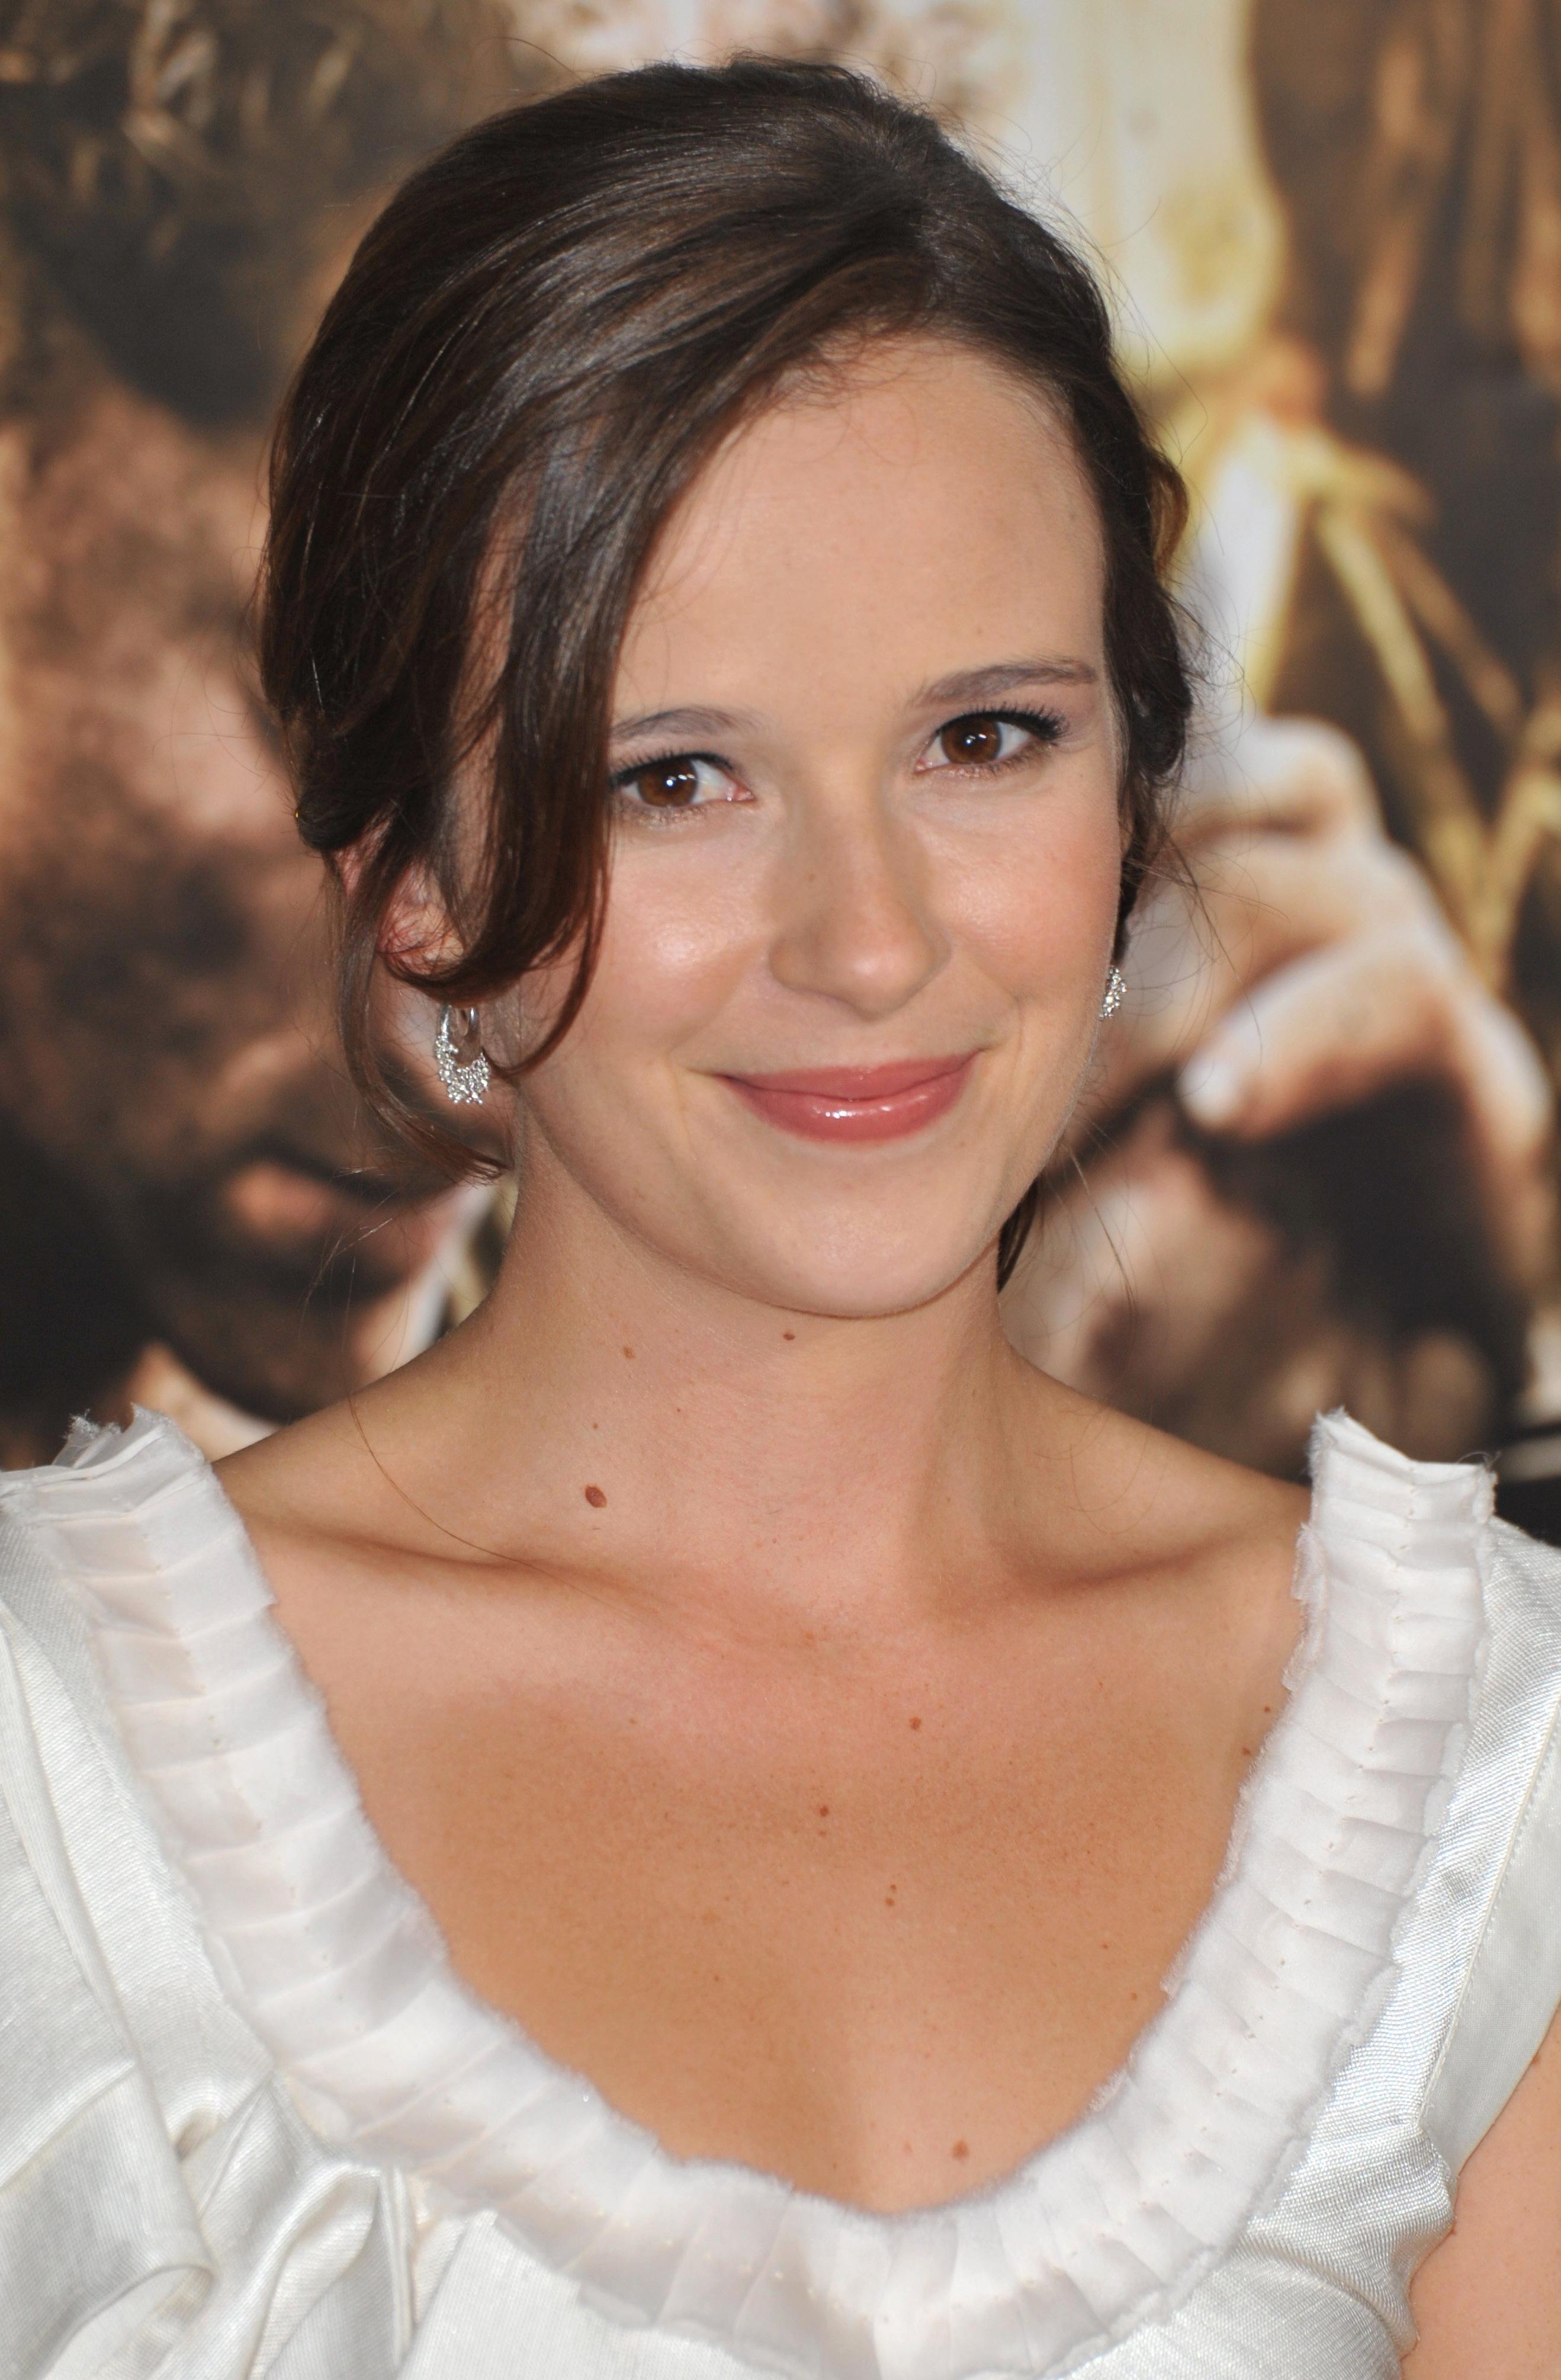 Claire van der boom actor - Deksel van de boom ...